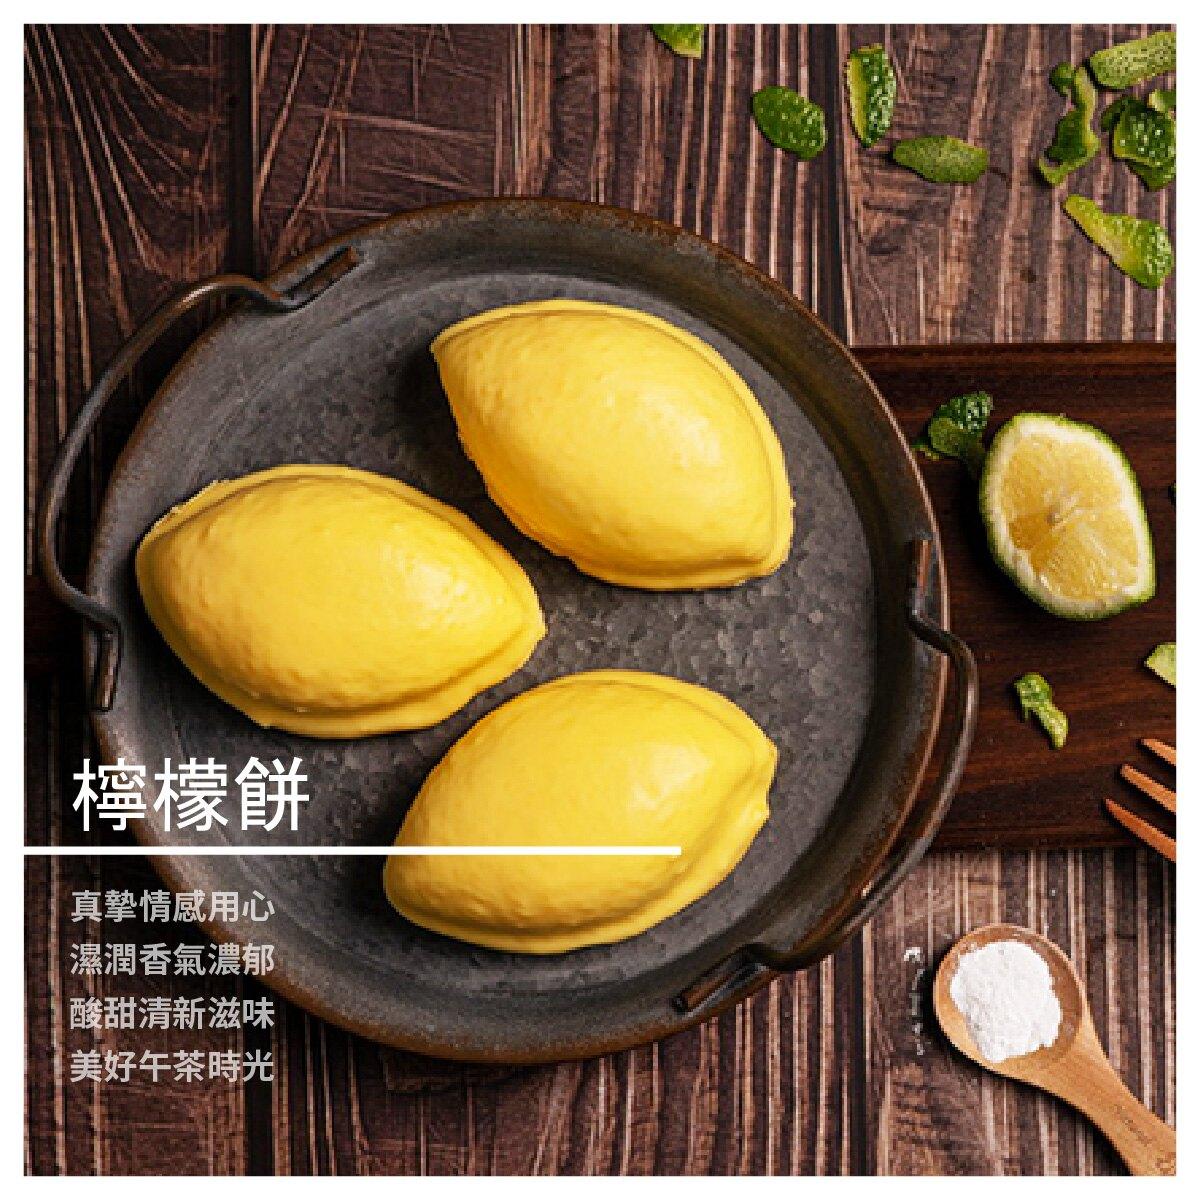 【陽光九九】★中秋超值優惠★檸檬餅/8入/盒